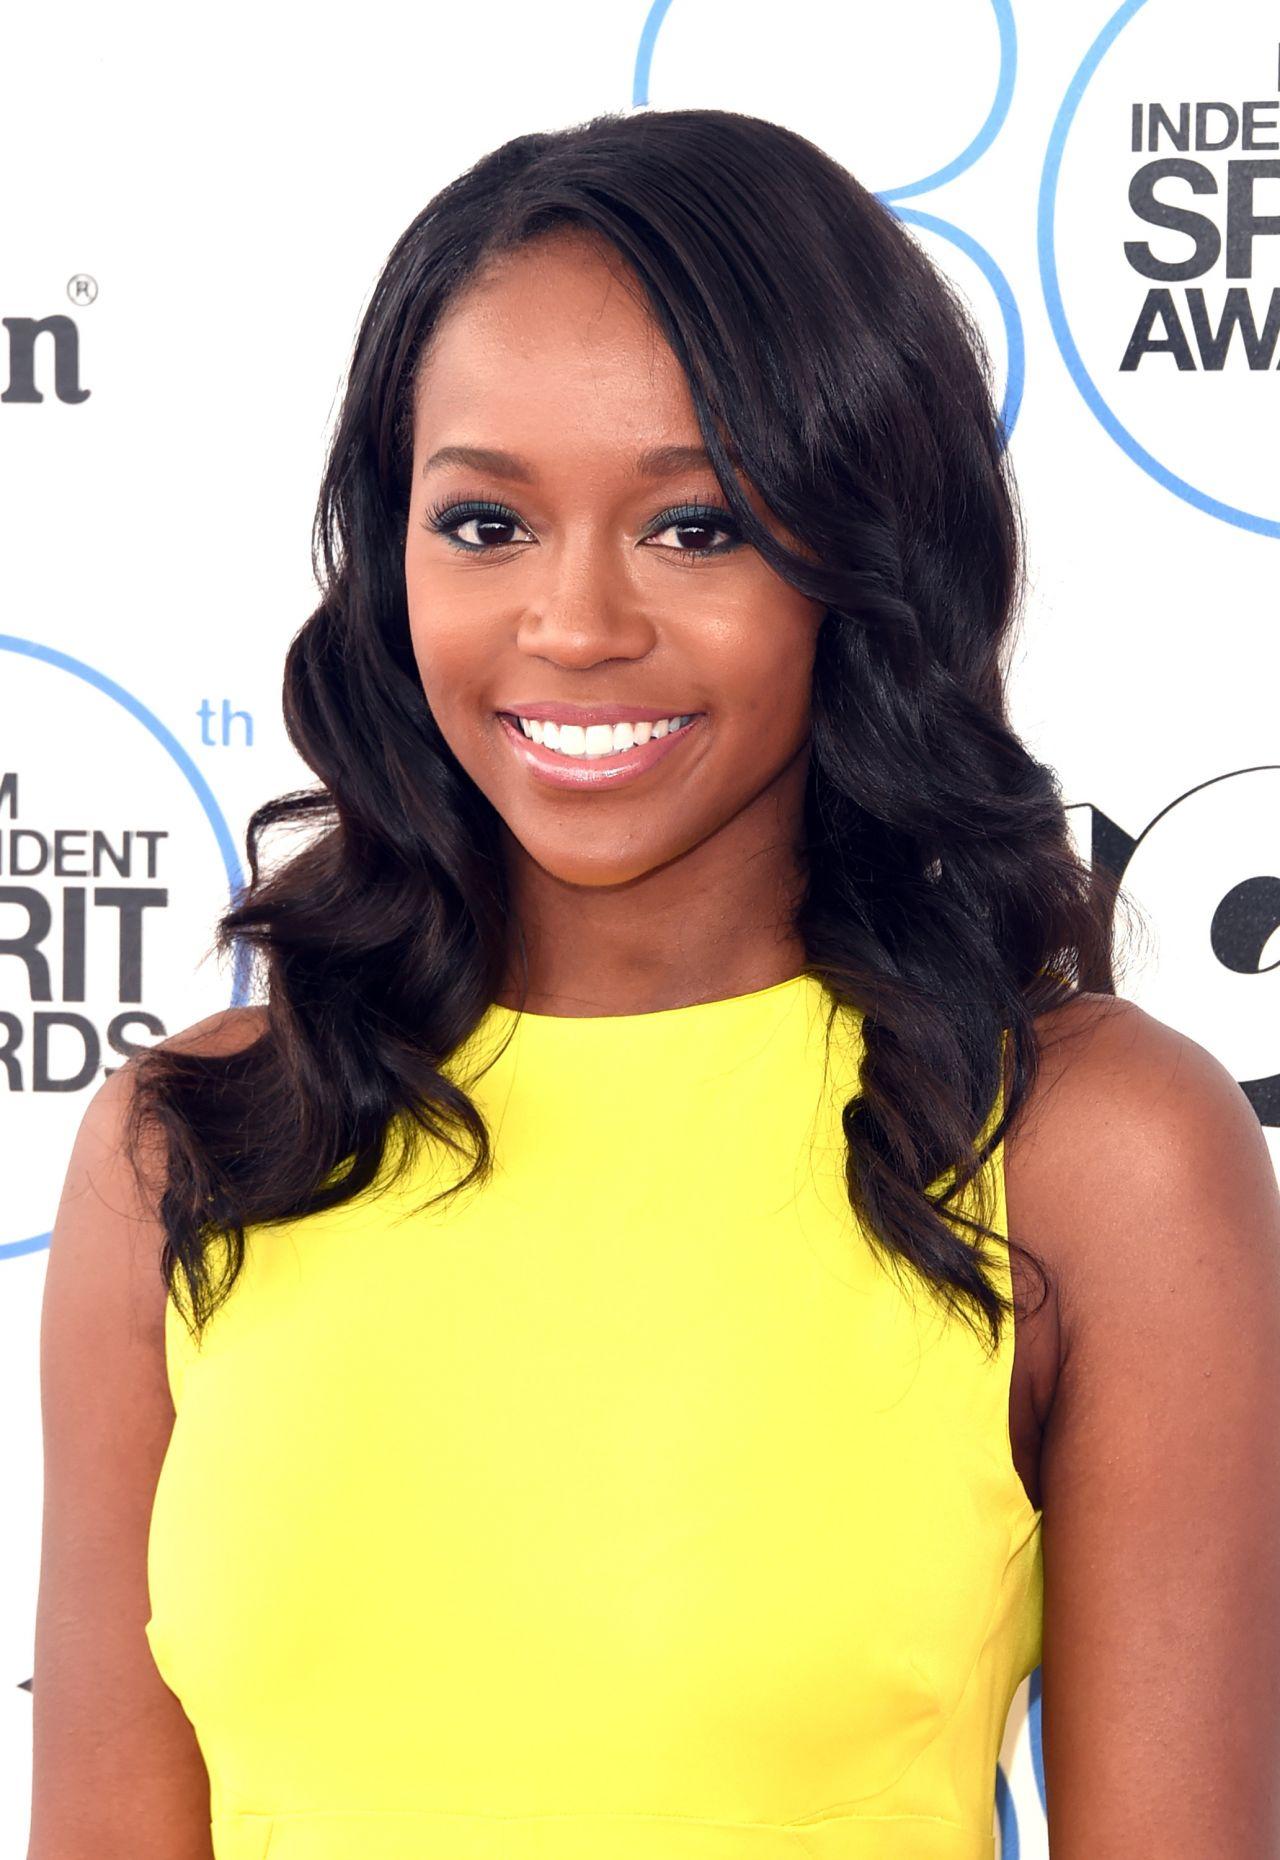 Aja Naomi King at the 2015 Film Independent Spirit Awards